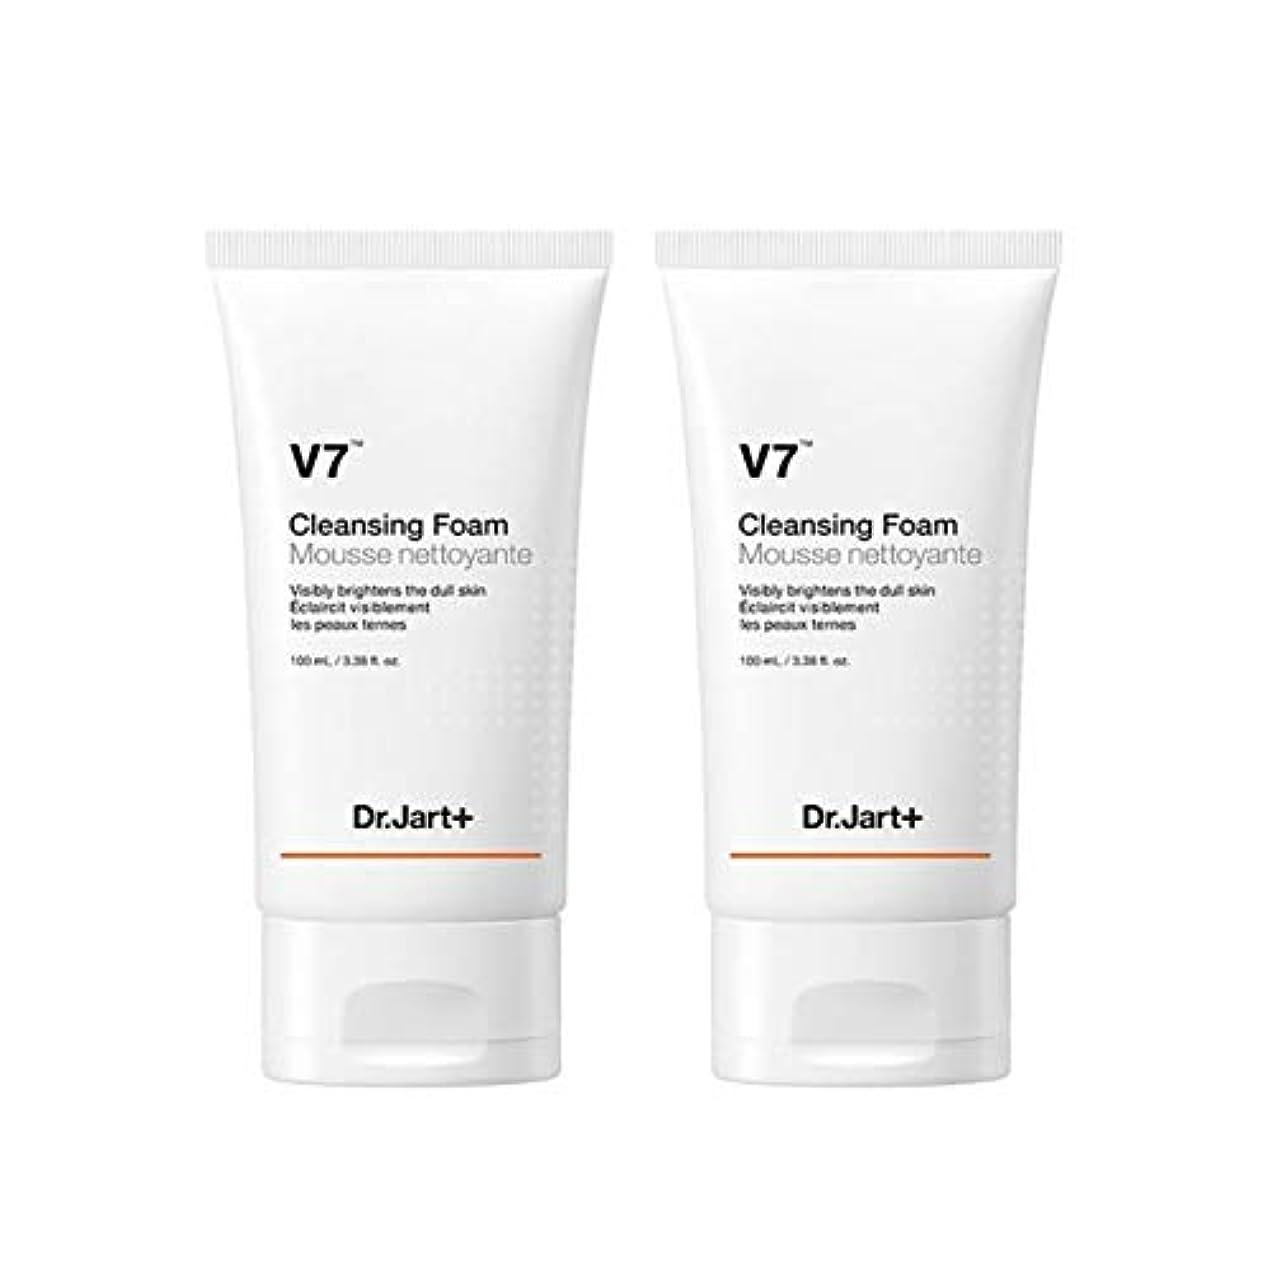 産地偽善いつドクタージャルトゥV7クレンジングフォーム100mlx2本セット韓国コスメ、Dr.Jart V7 Cleansing Foam 100ml x 2ea Set Korean Cosmetics [並行輸入品]